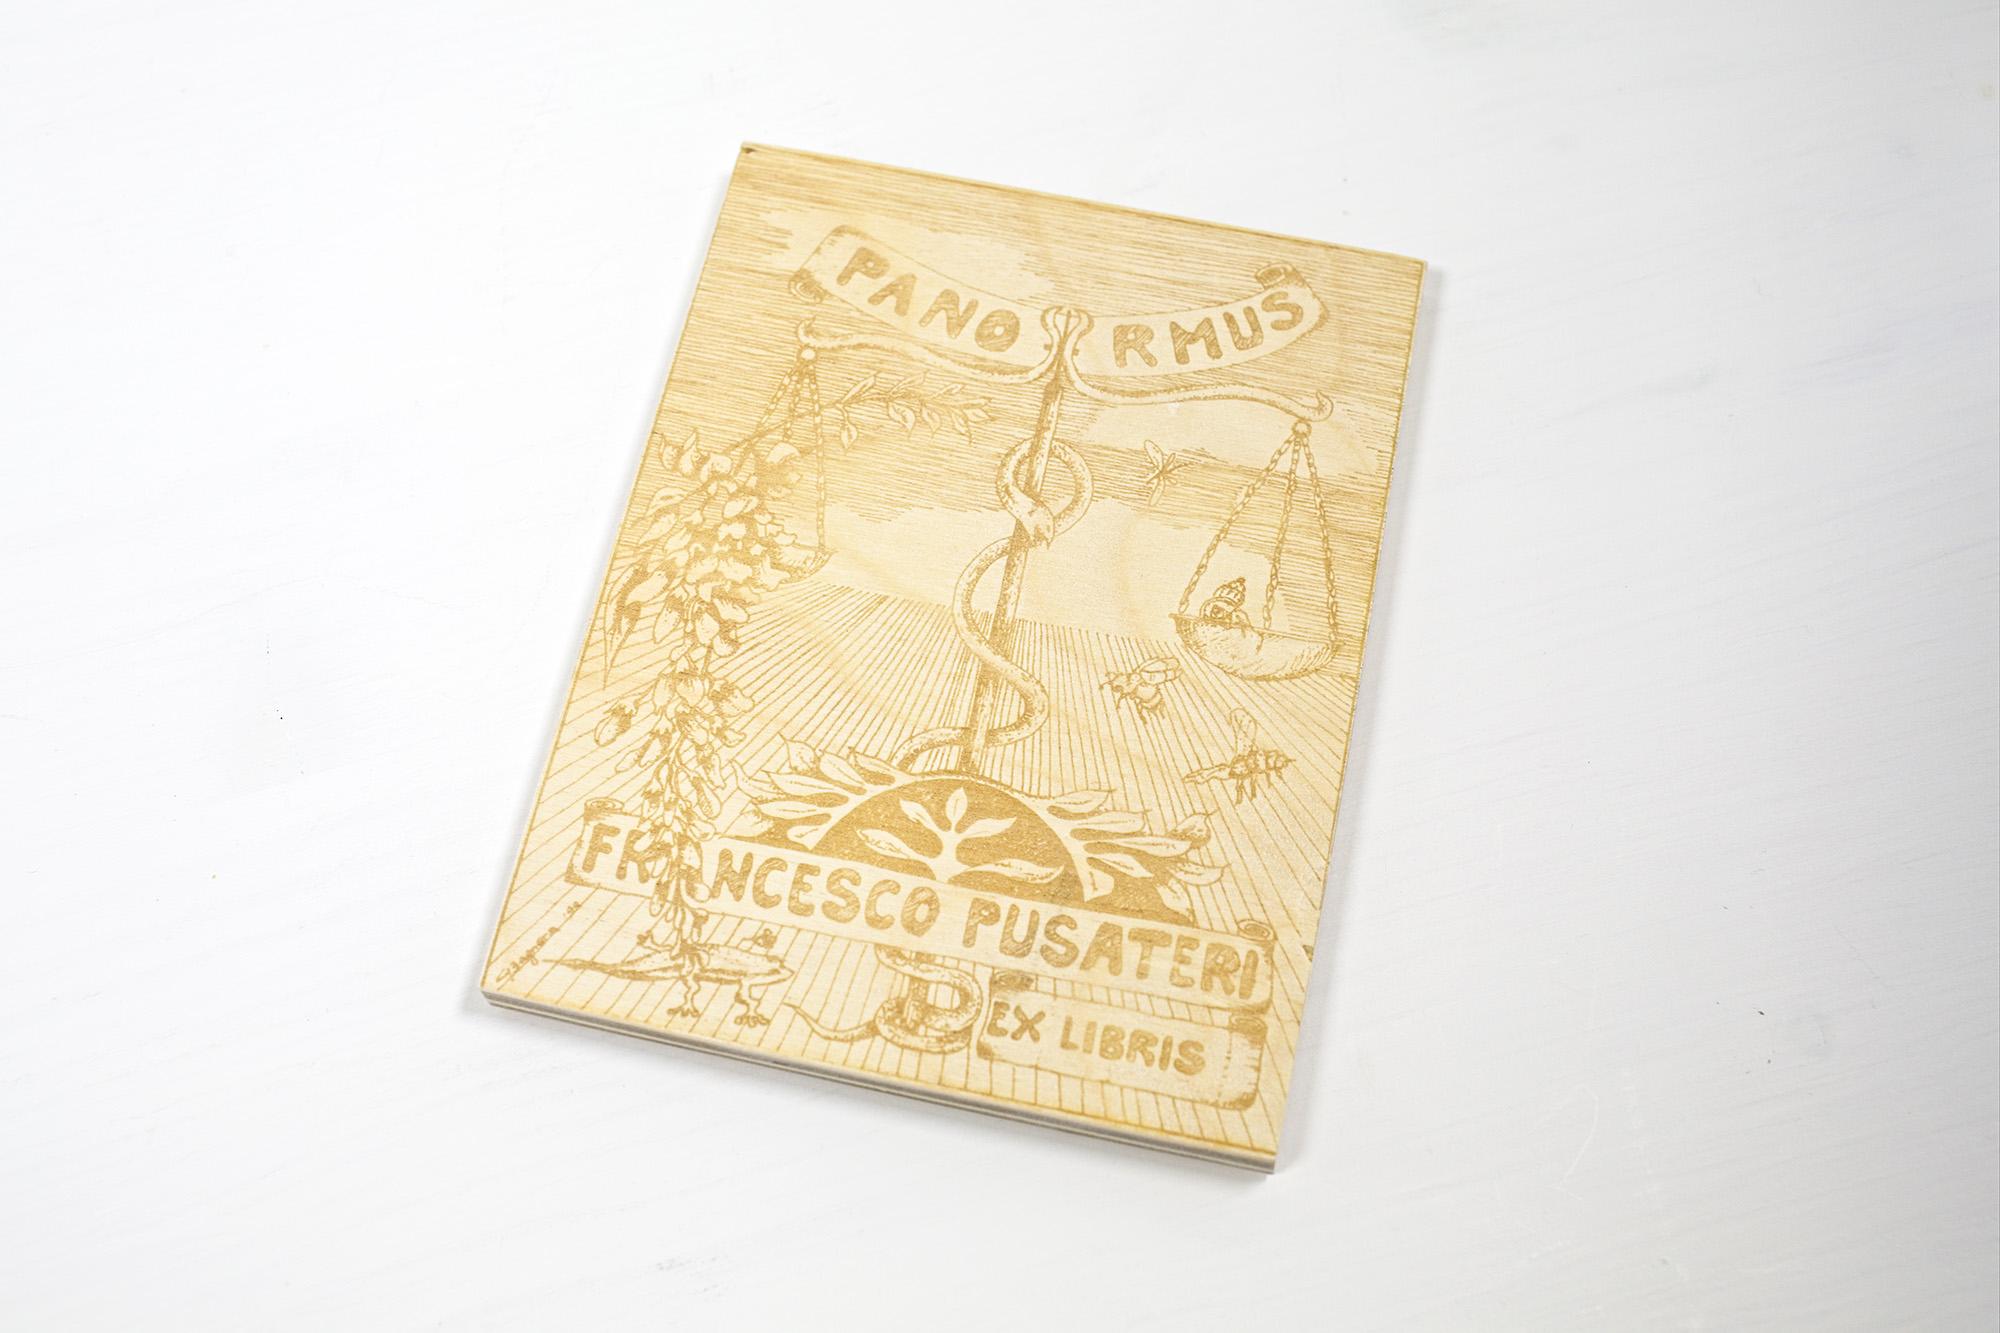 Esempi Di Riproduzioni Araldiche Ed Ex-libris